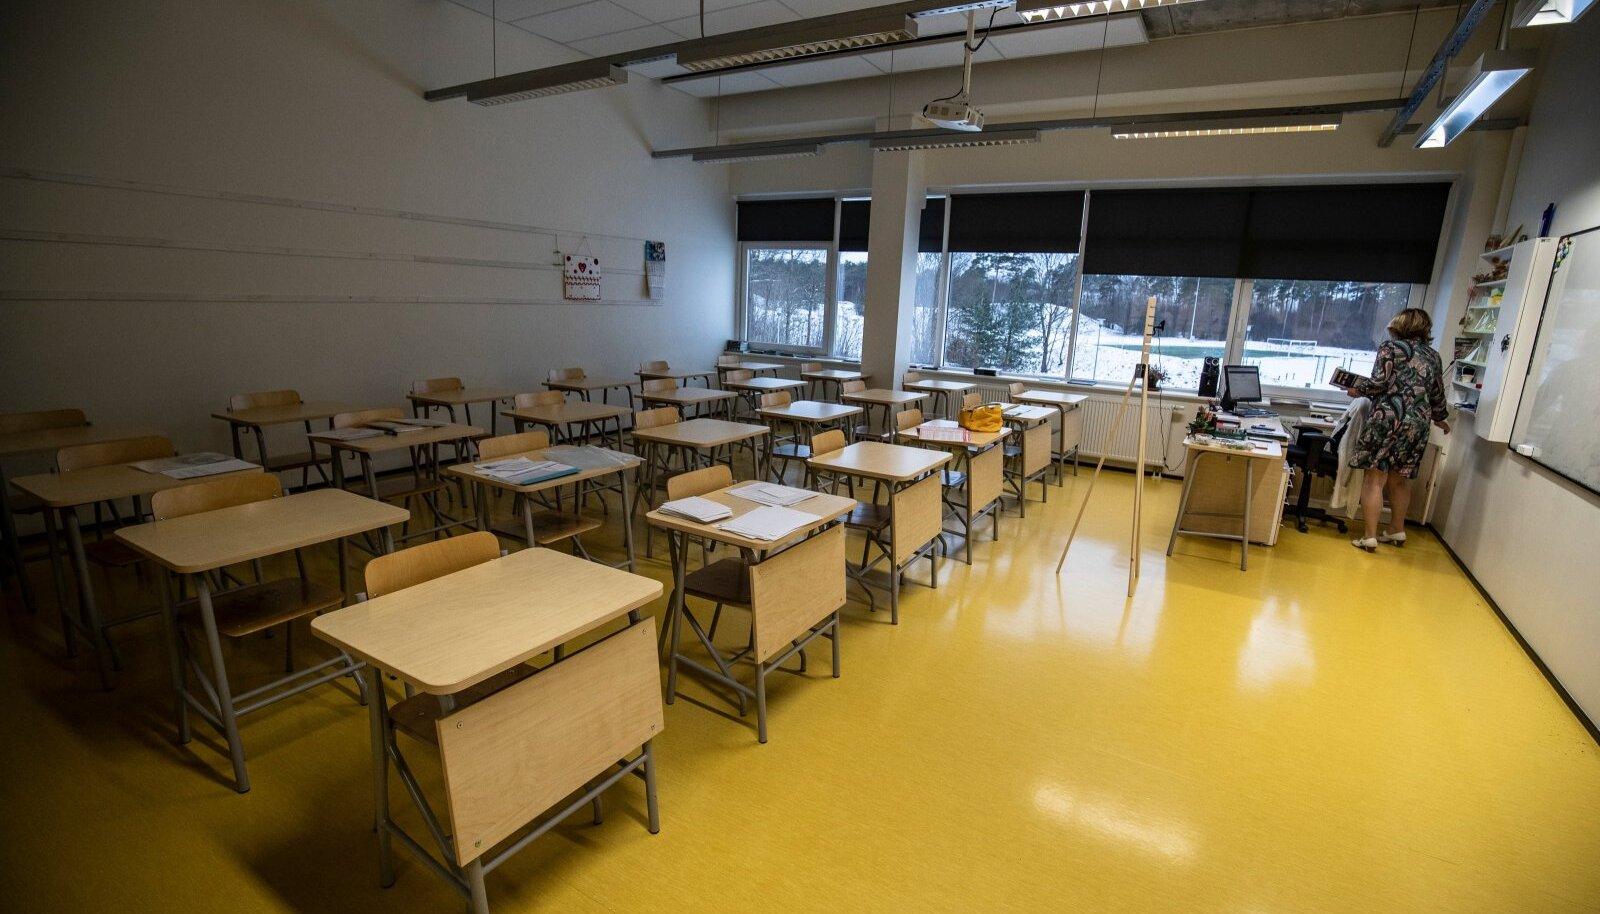 Koroonaajastu tund Keila koolis 8.01.2021